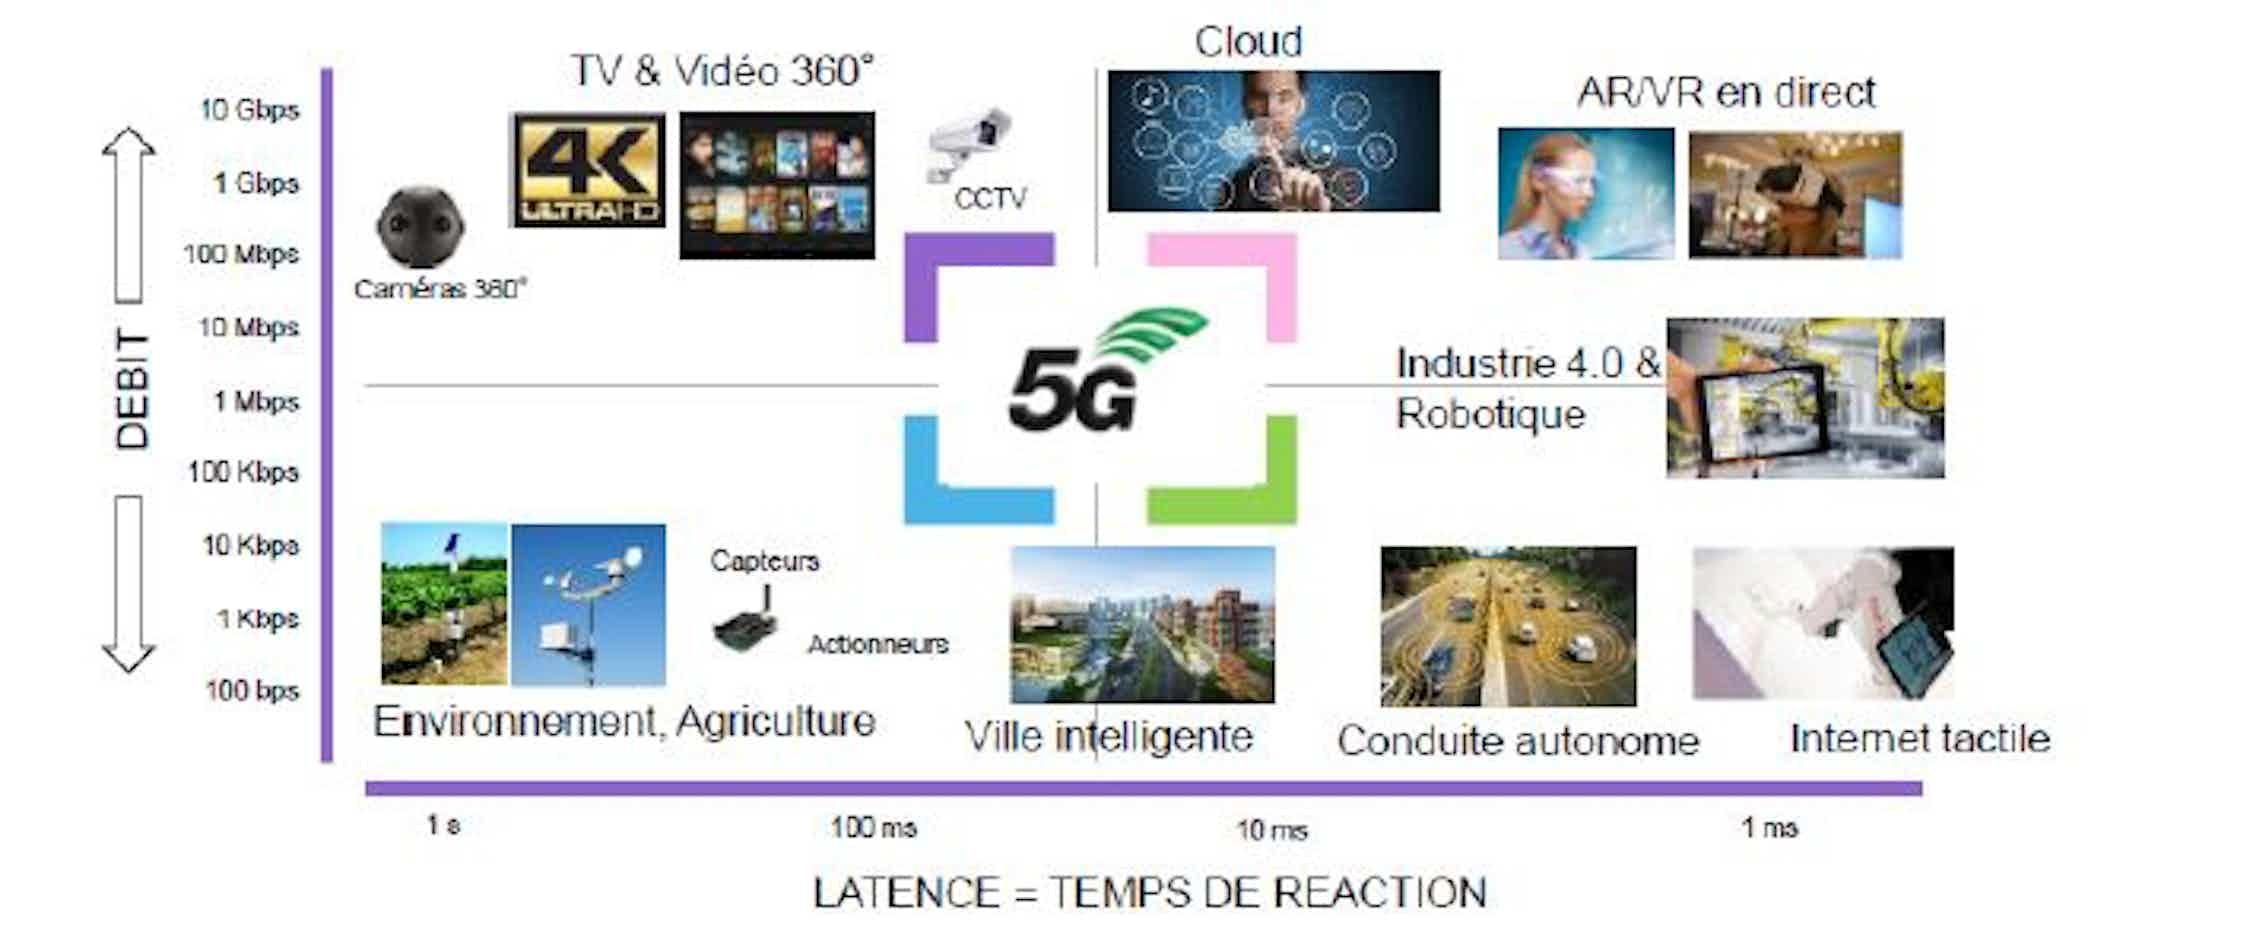 La 5G, une nouvelle phase de la révolution digitale – mais plutôt pour 2025-2035